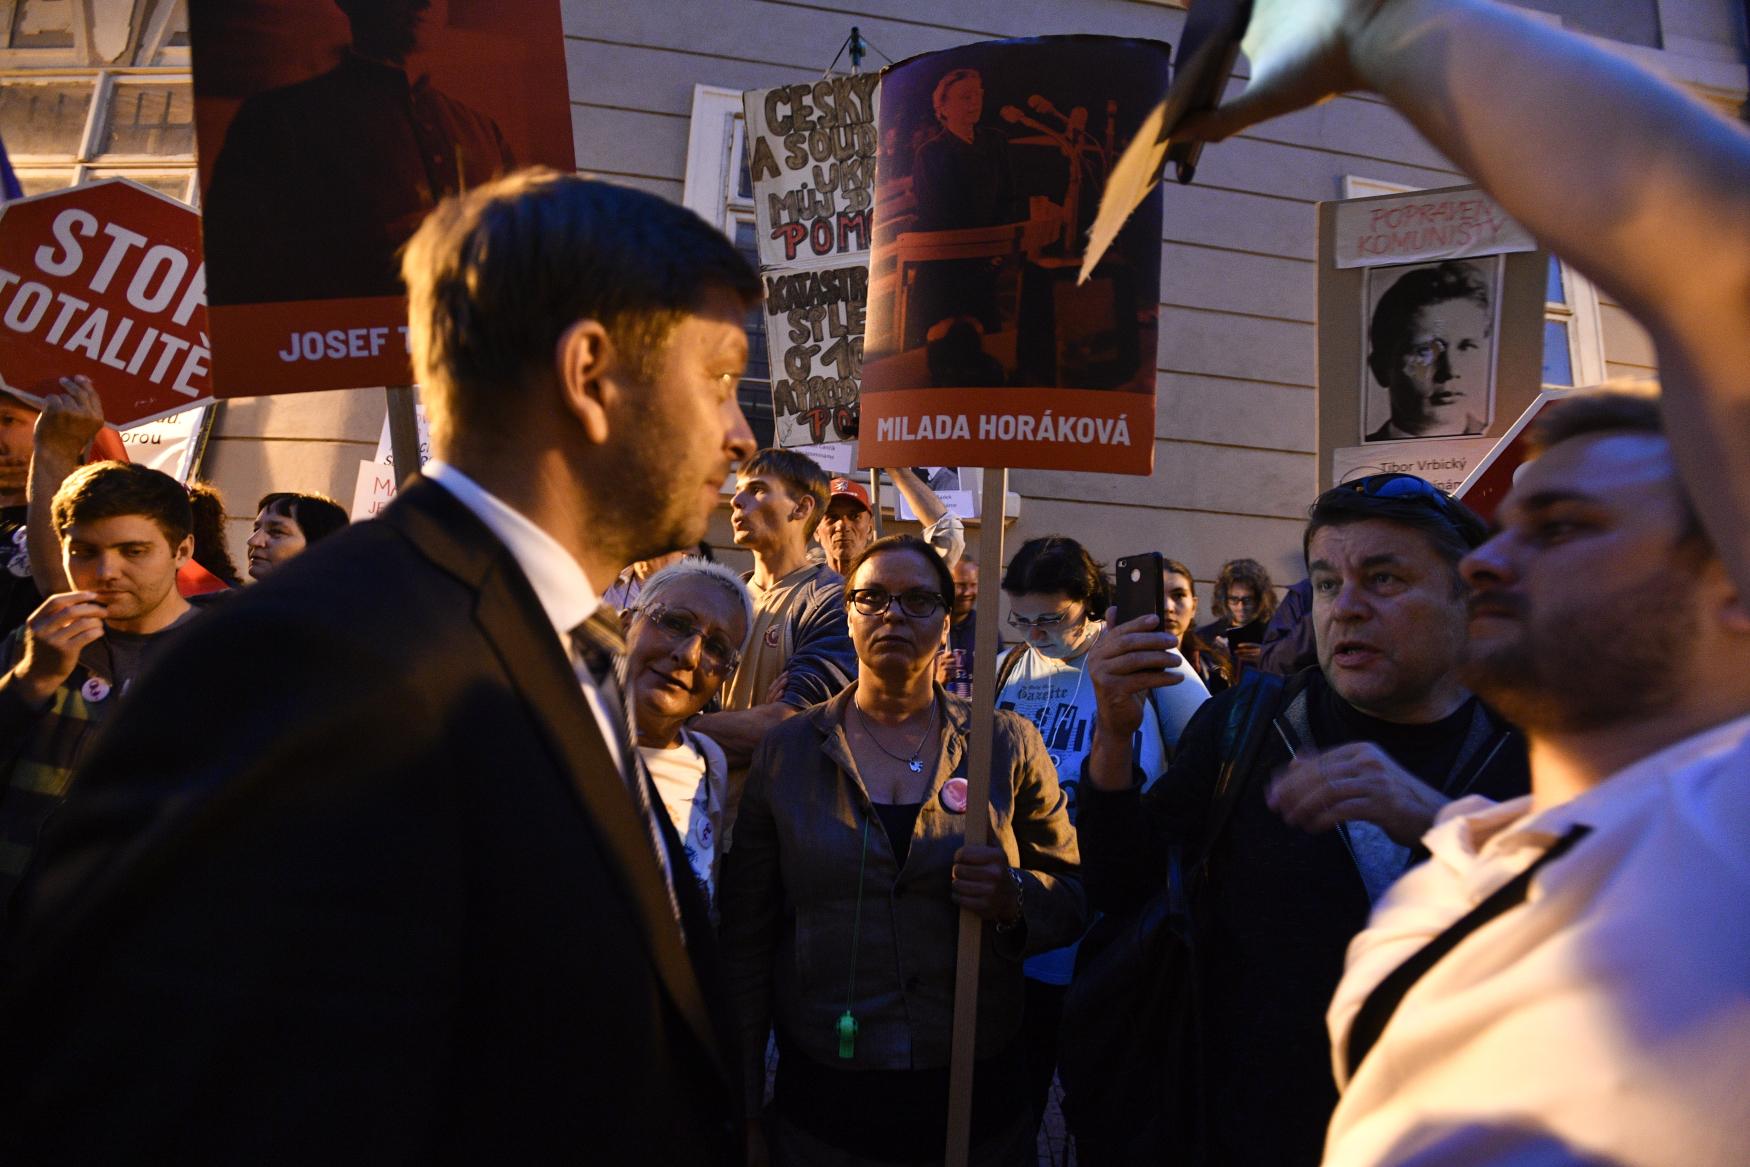 Poslanec STAN Vít Rakušan vyšel z Poslanecké sněmovny mezi demonstranty.